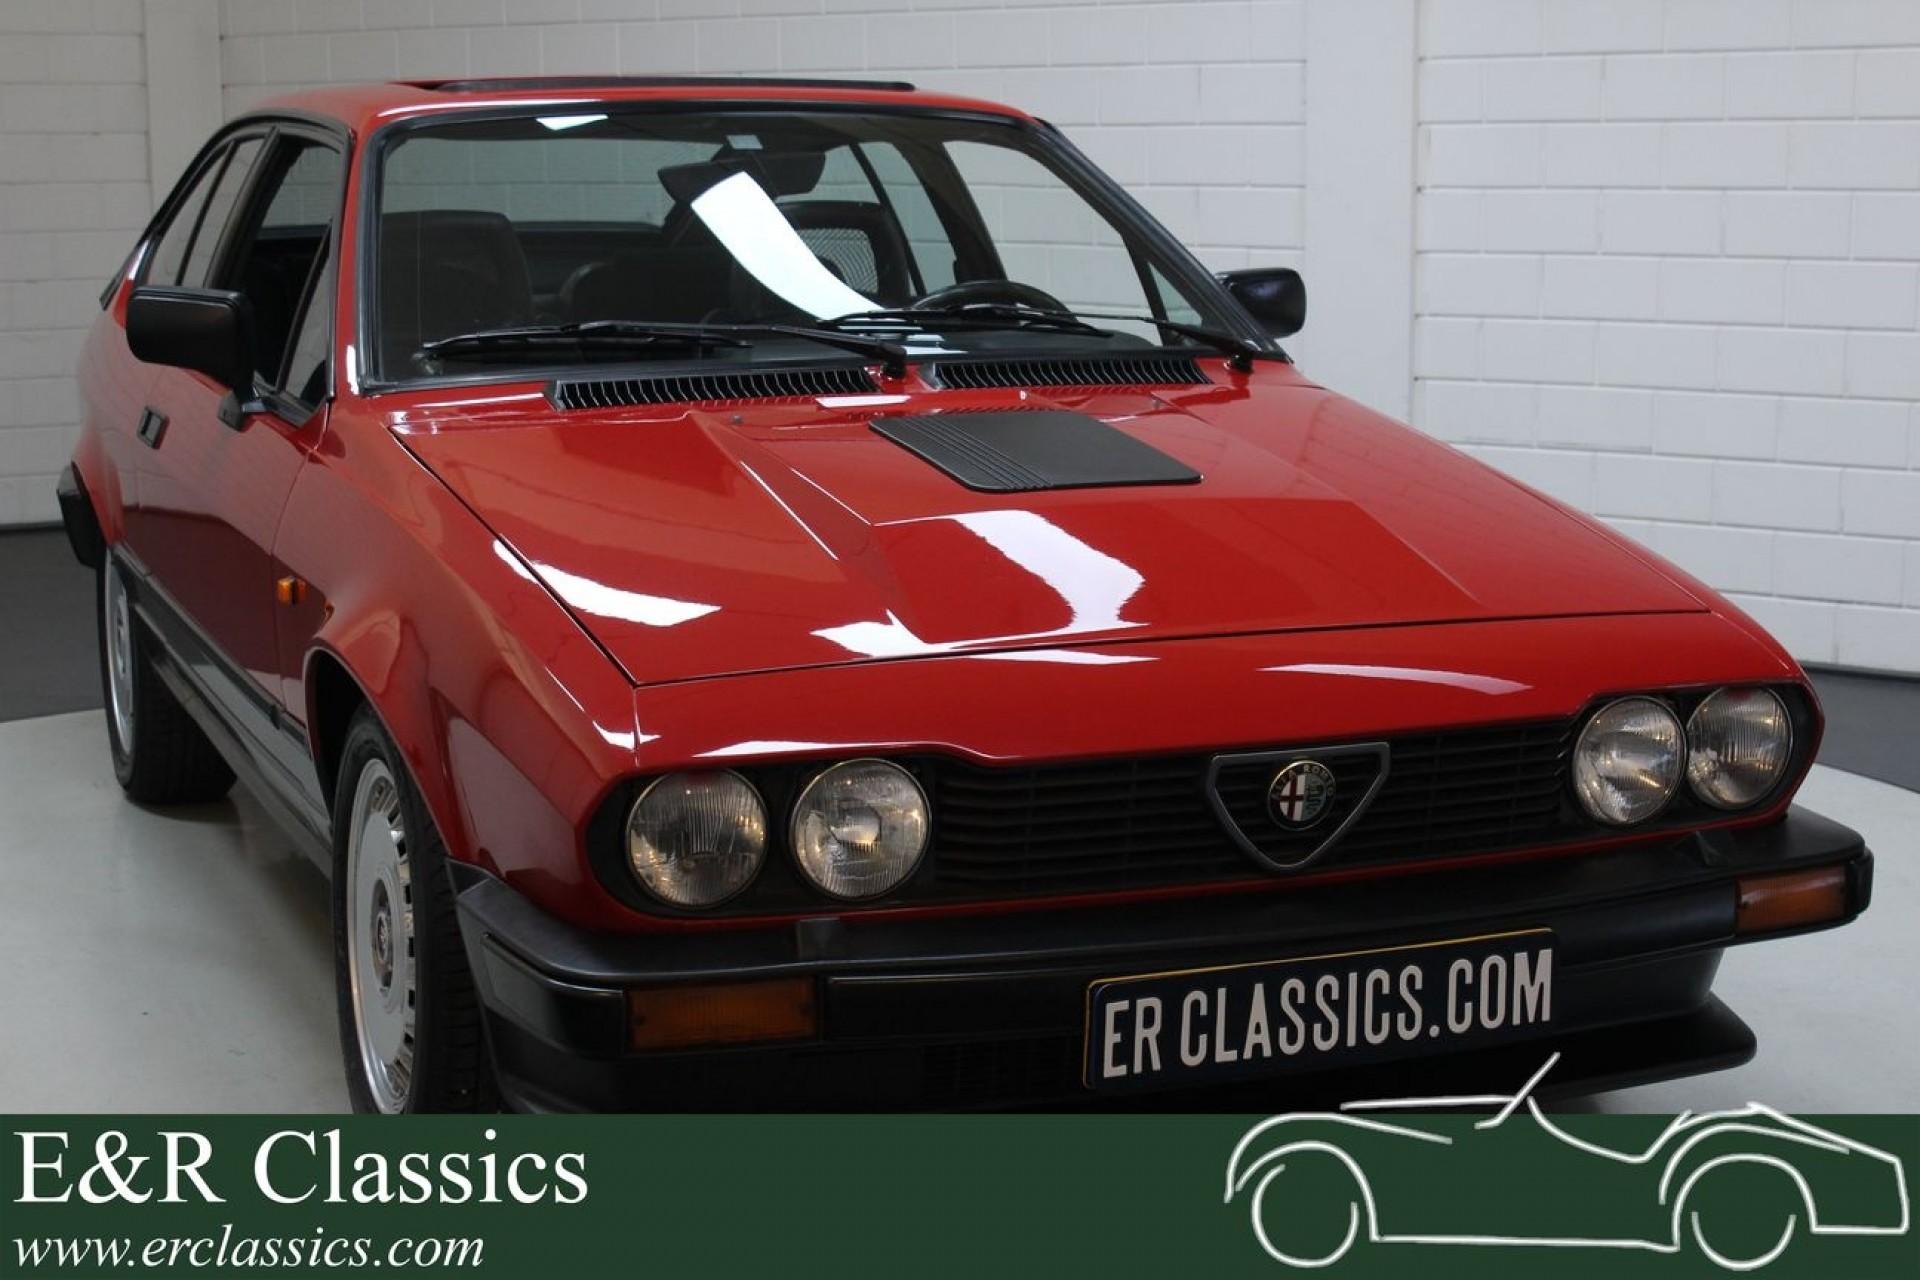 Alfa Romeo Gtv6 2 5 V6 1986 For Sale At Erclassics